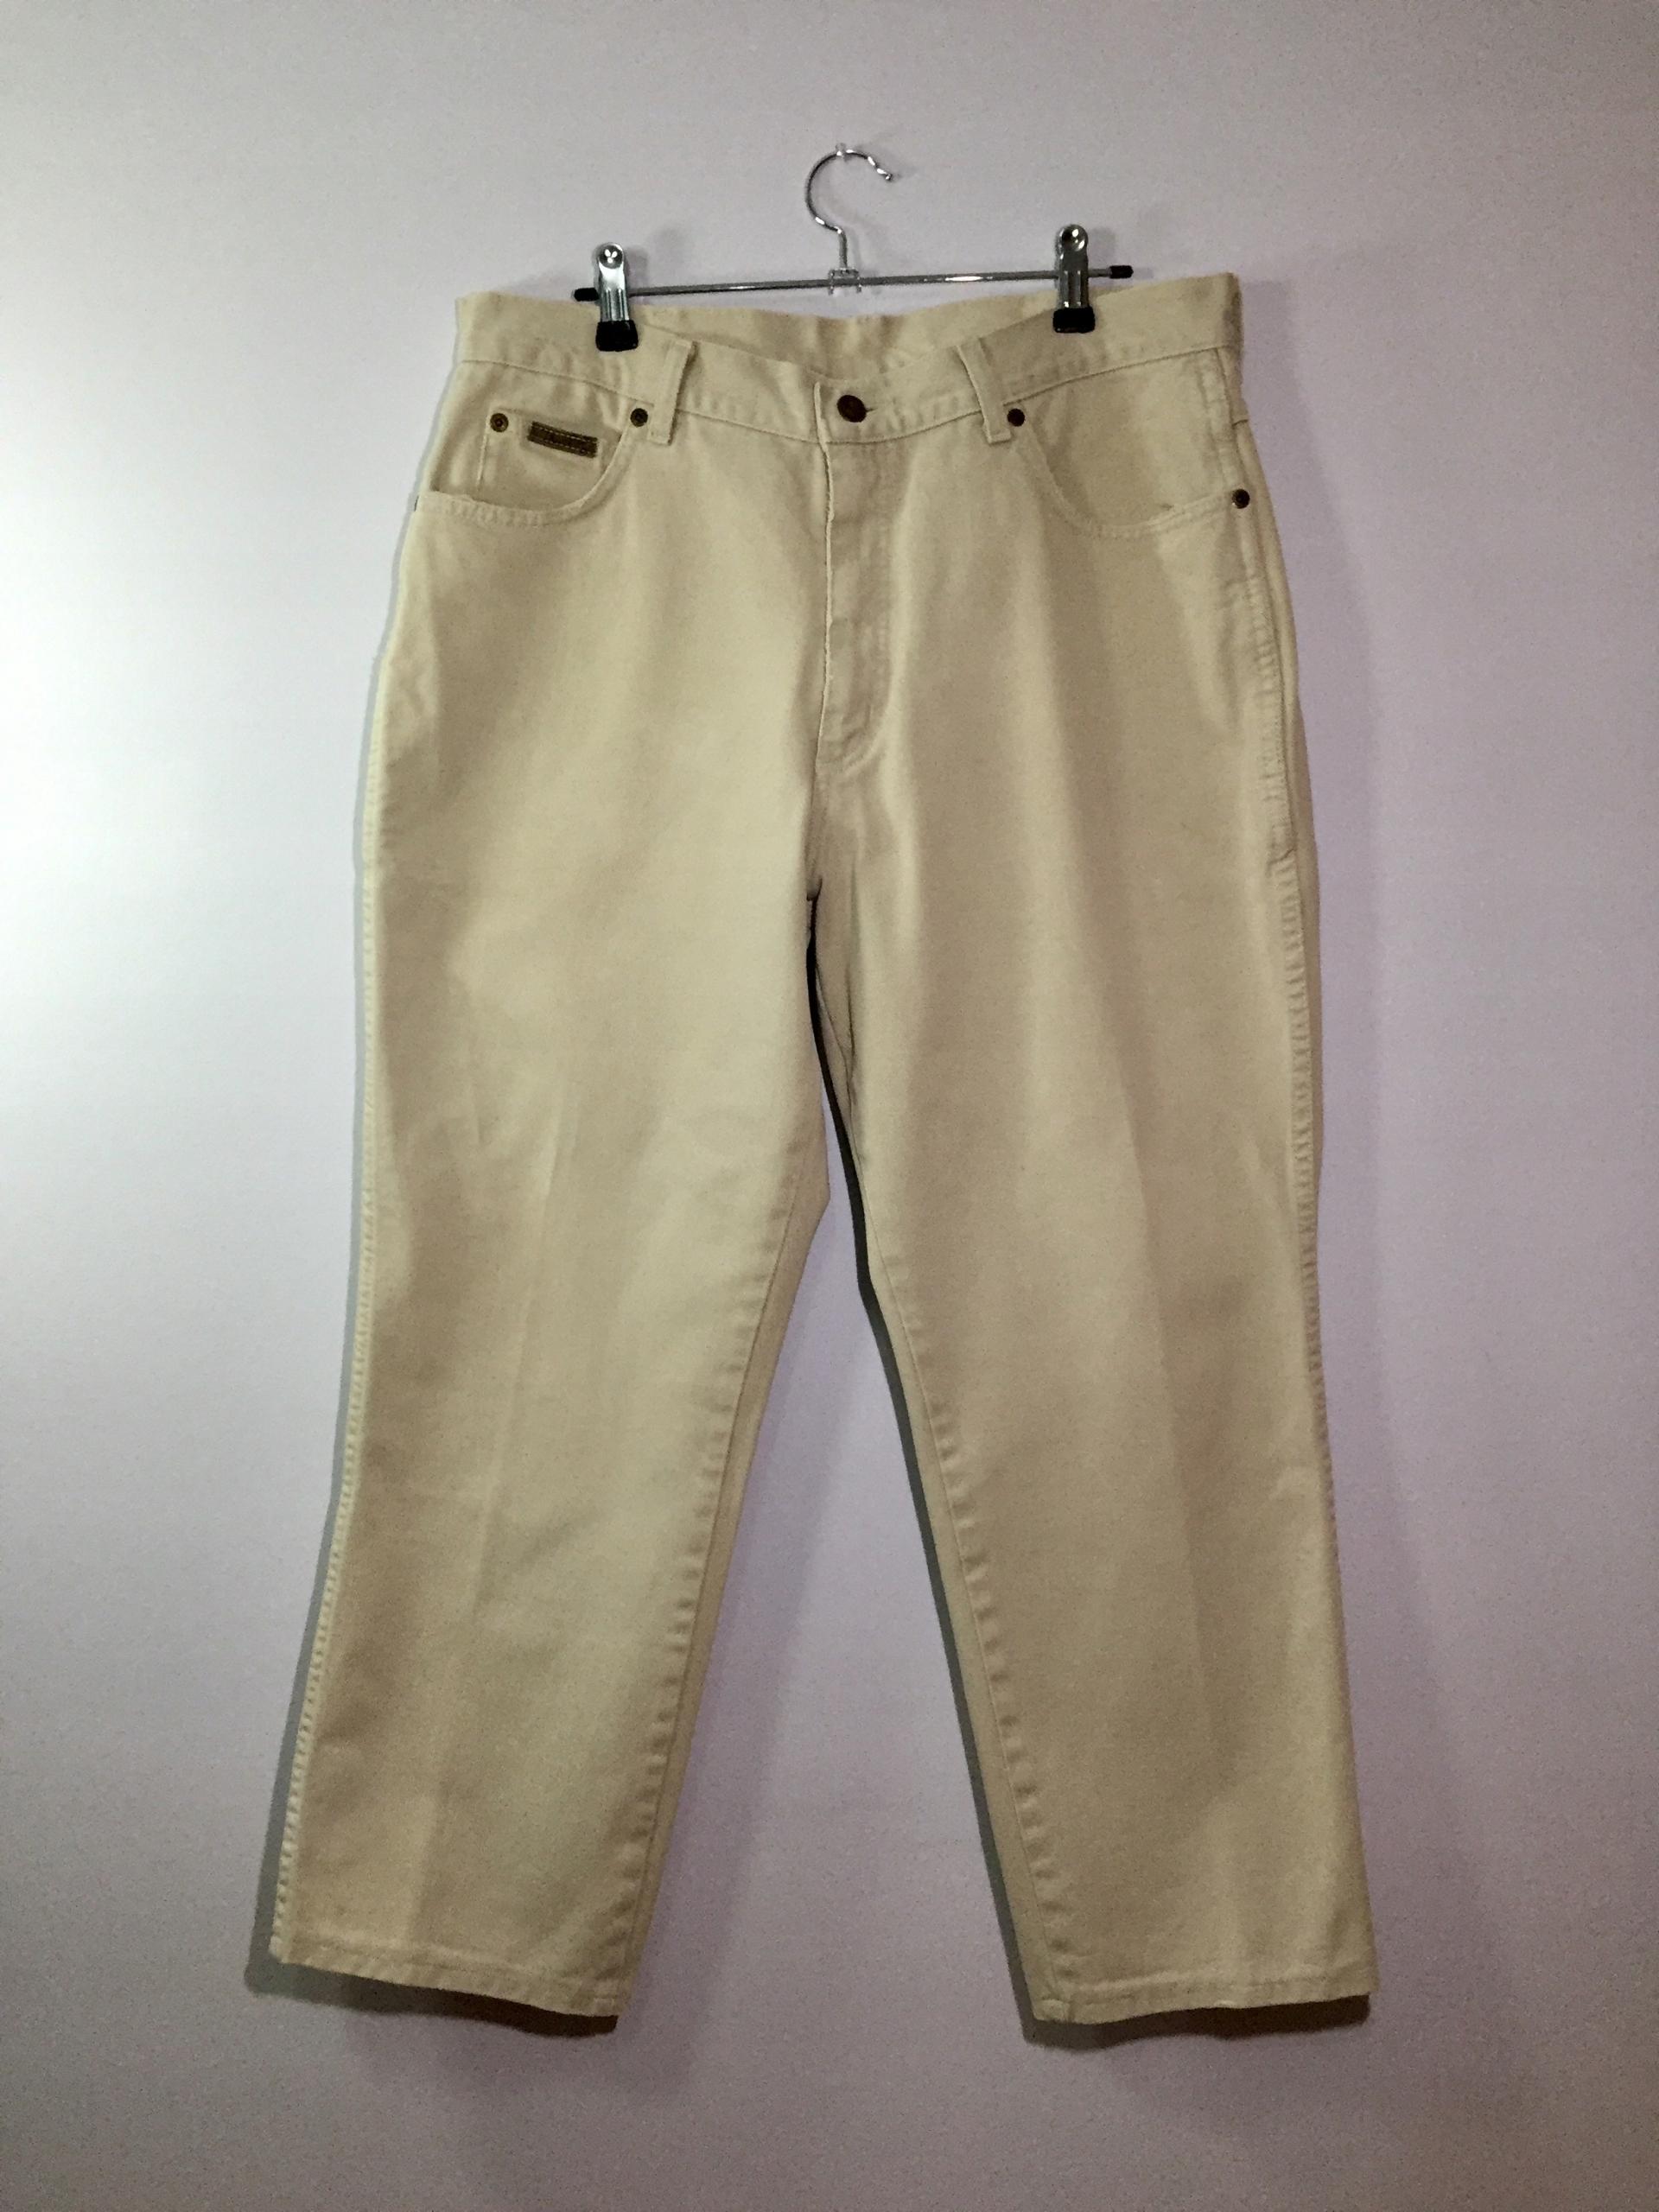 Spodnie Wrangler beżowe W 36 L 30 dla niskiego